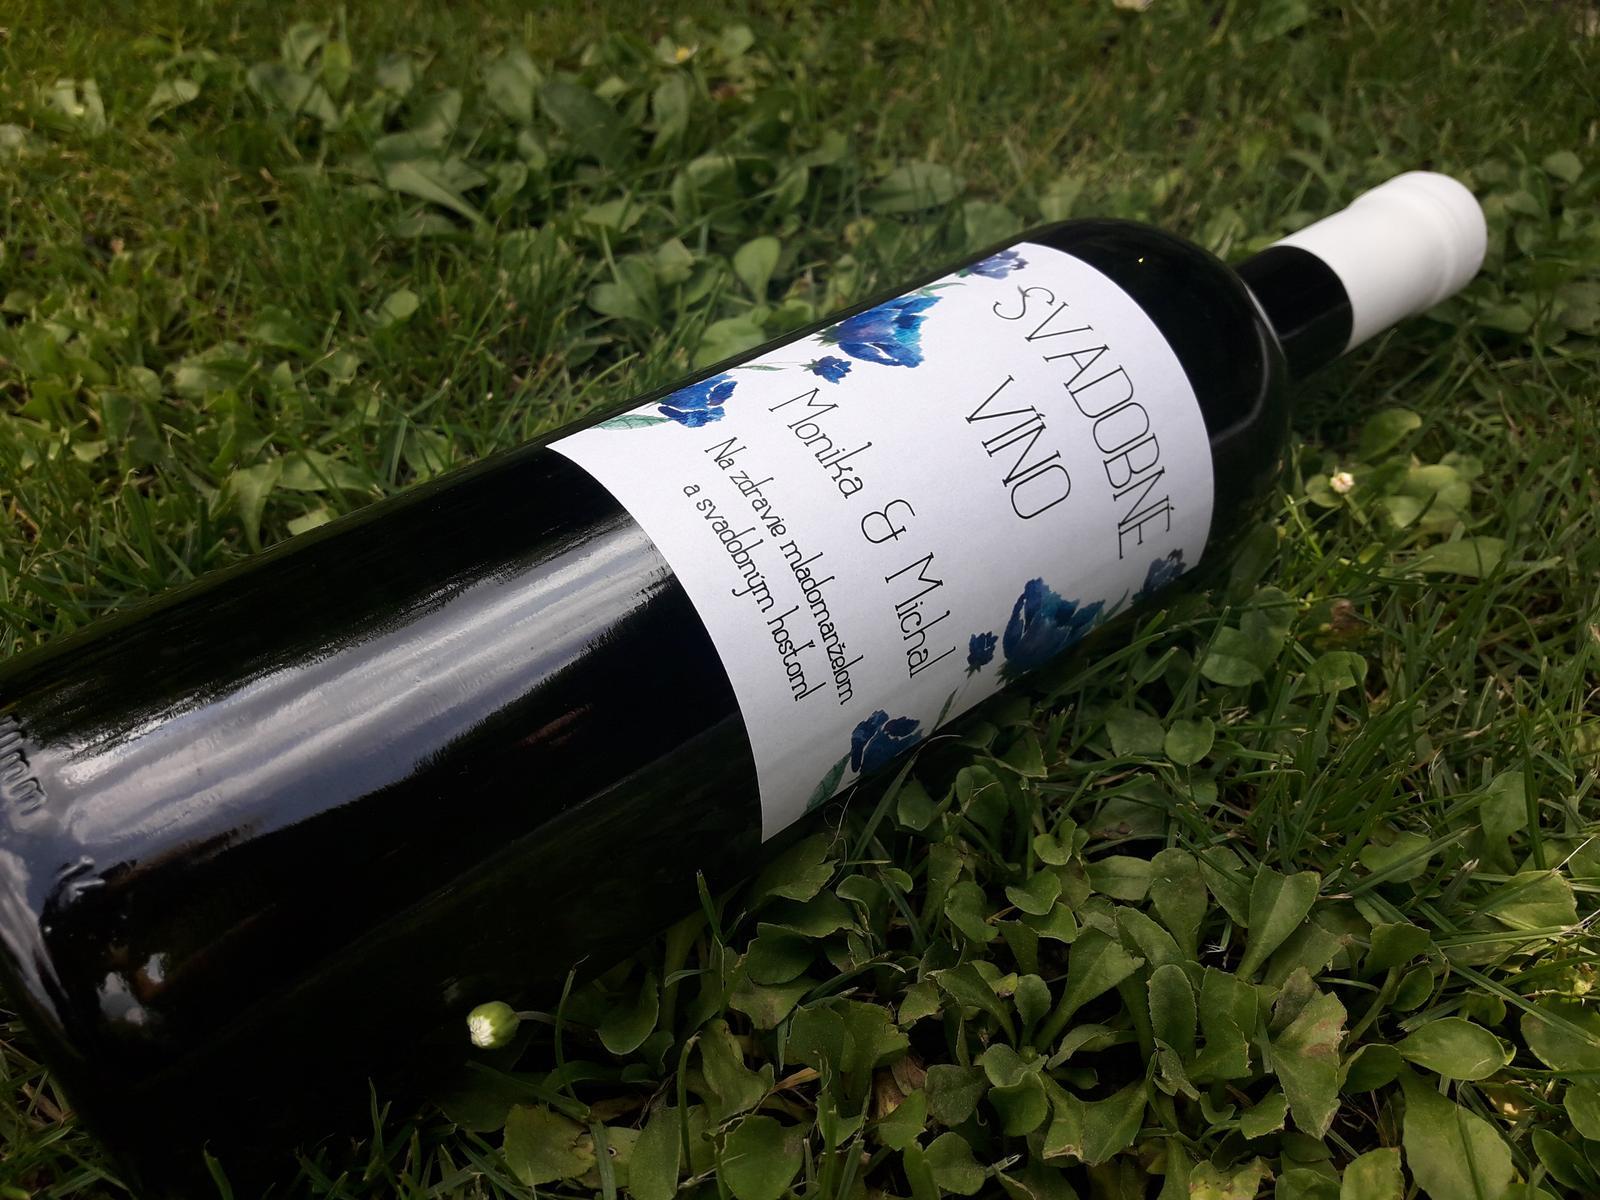 vinomaravilla - Svadobné víno s etiketou do modra. Niečo modré - vybavené